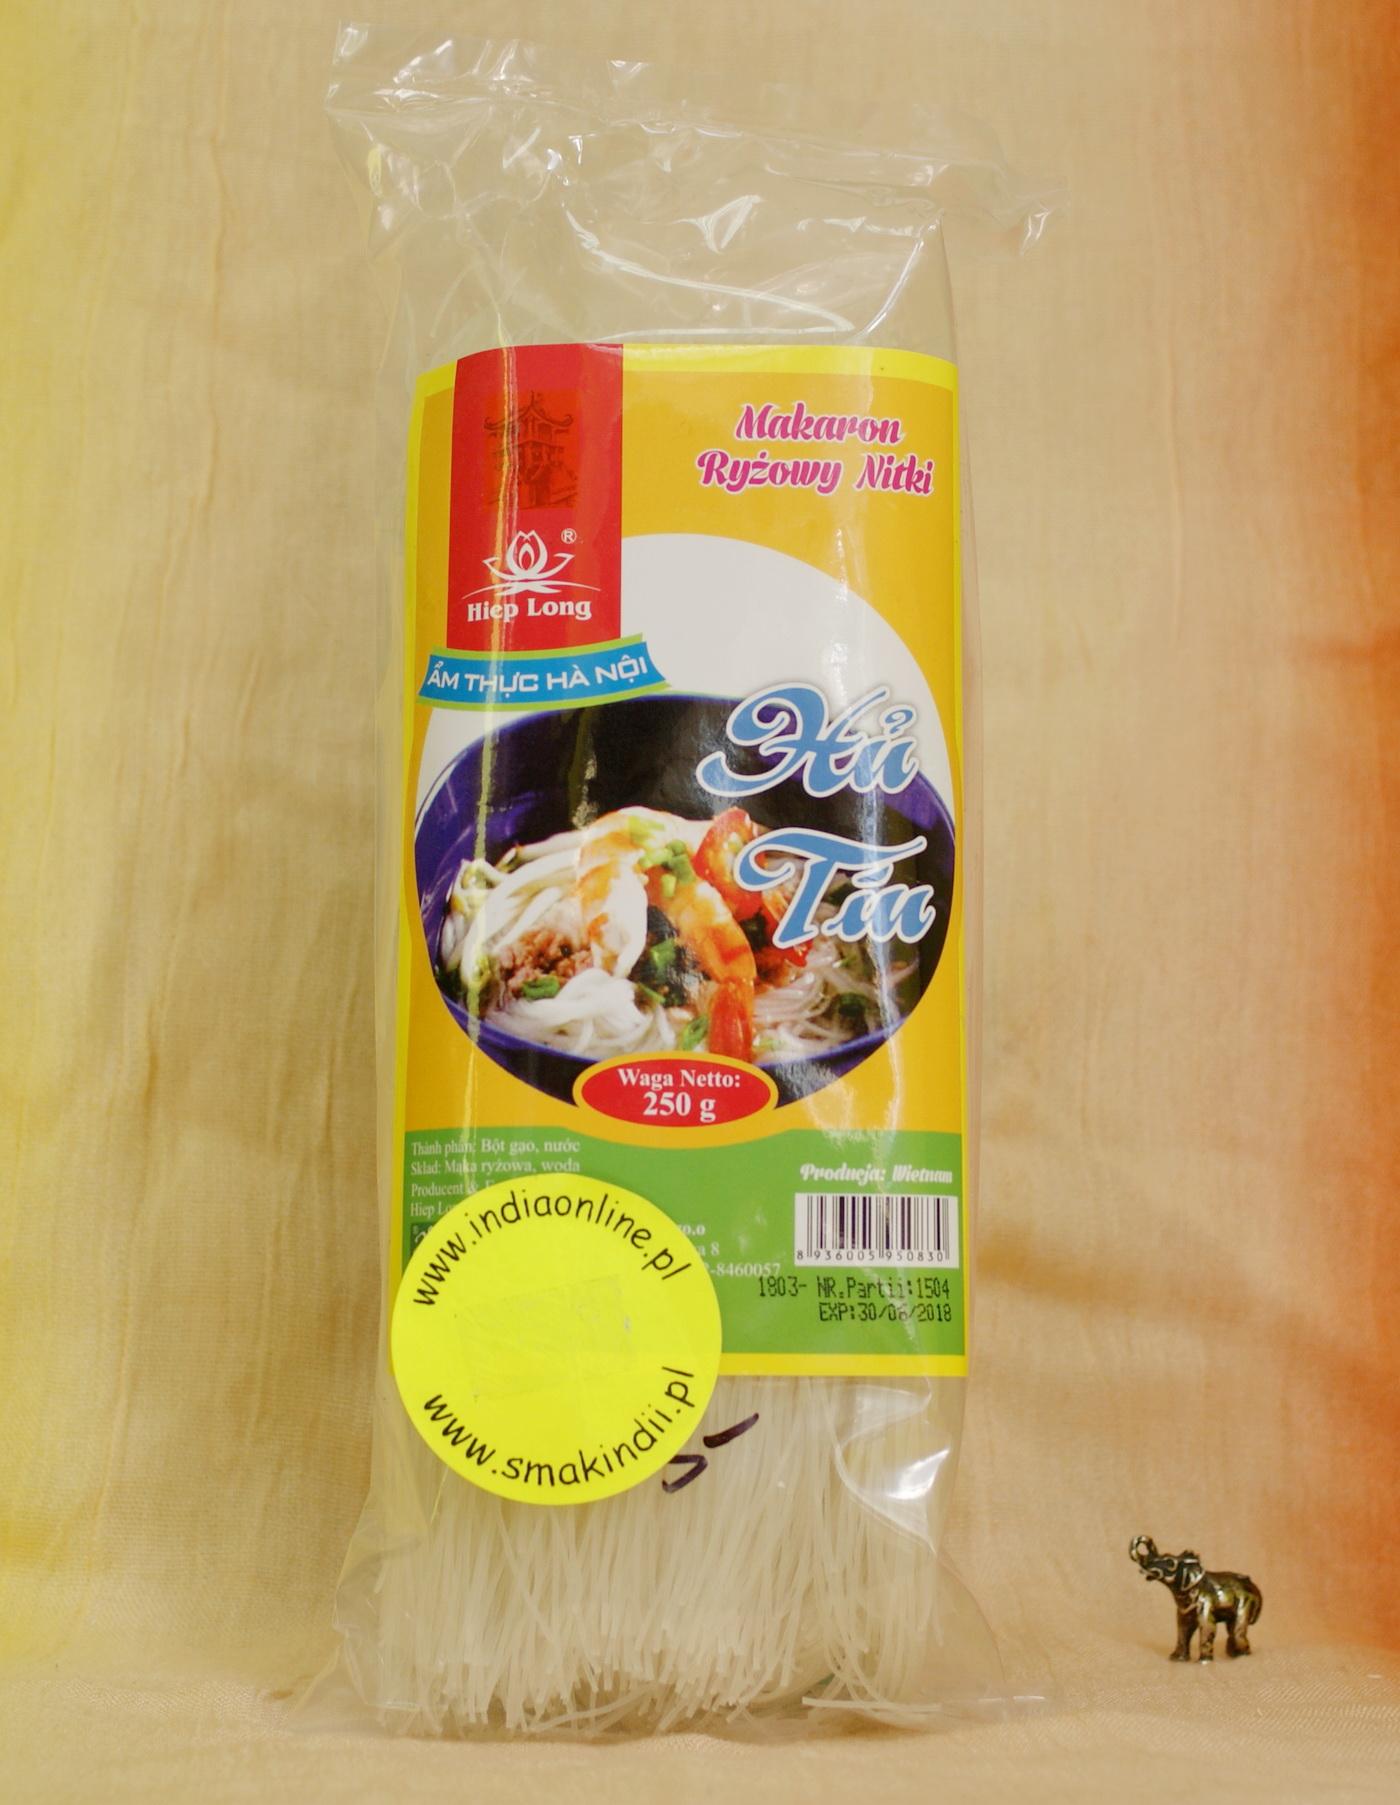 Kuchnia Azjatycka Makaron Ryzowy Nitki 250g Tajskie Thai